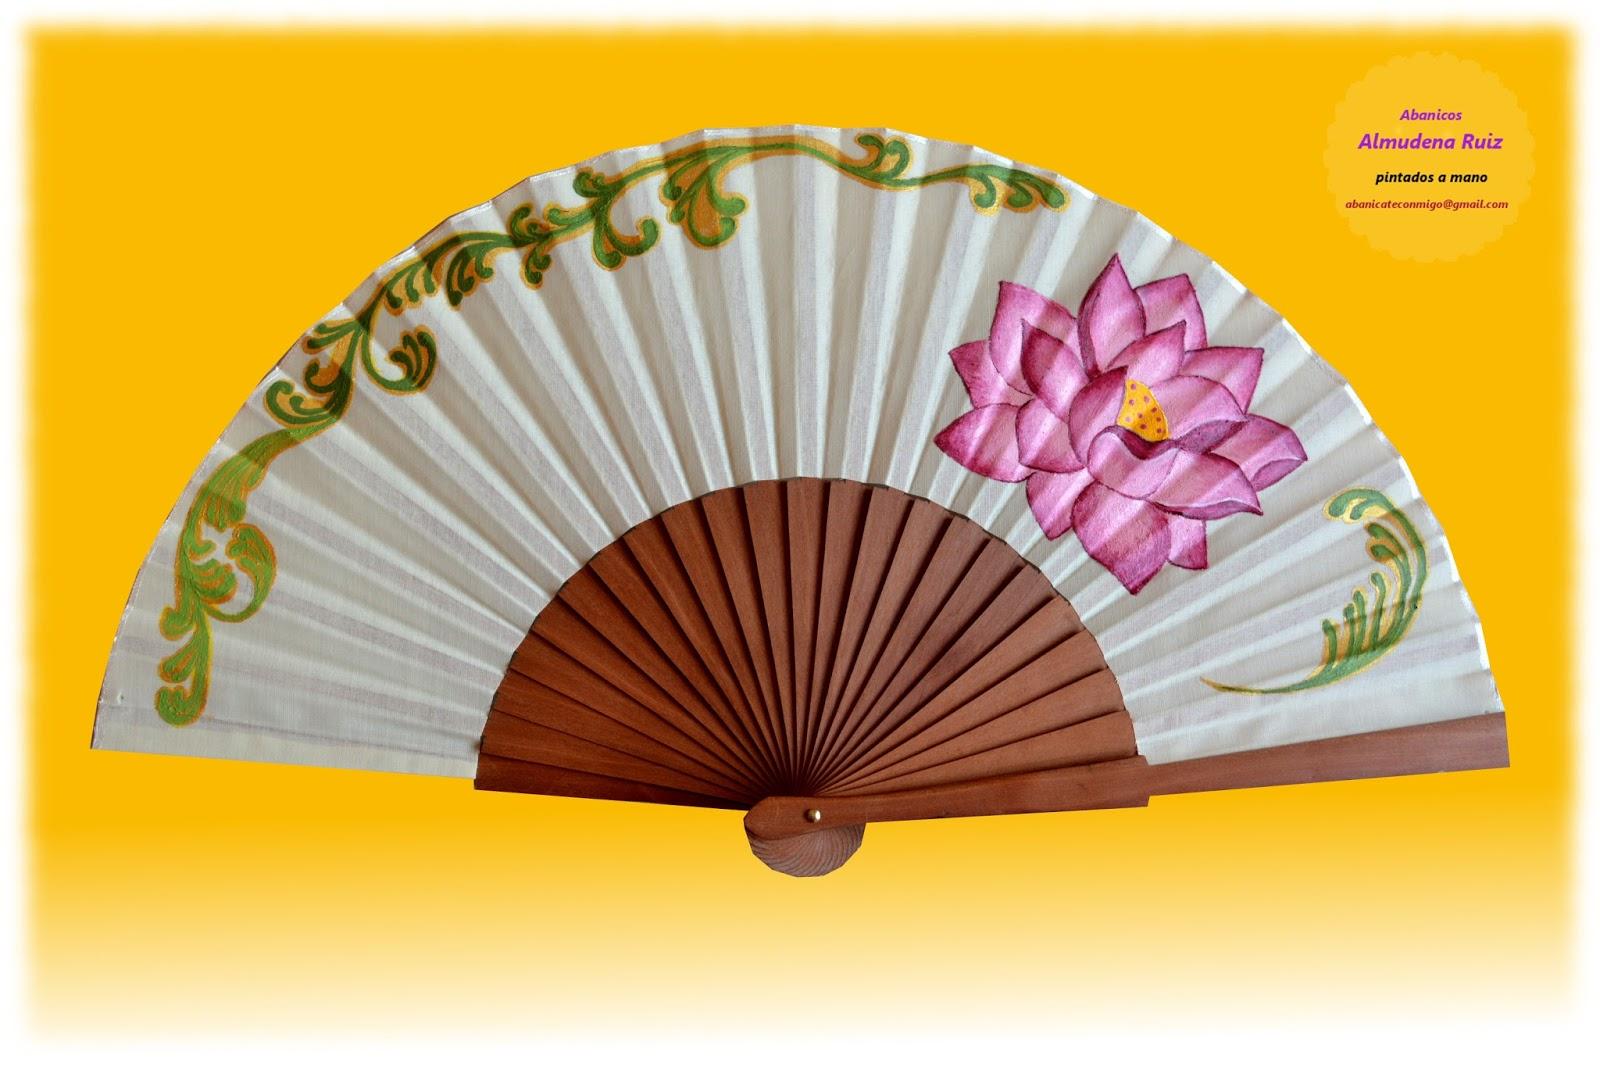 Flor de loto abanicos pintados a mano abanicate conmigo - Como pintar abanicos ...